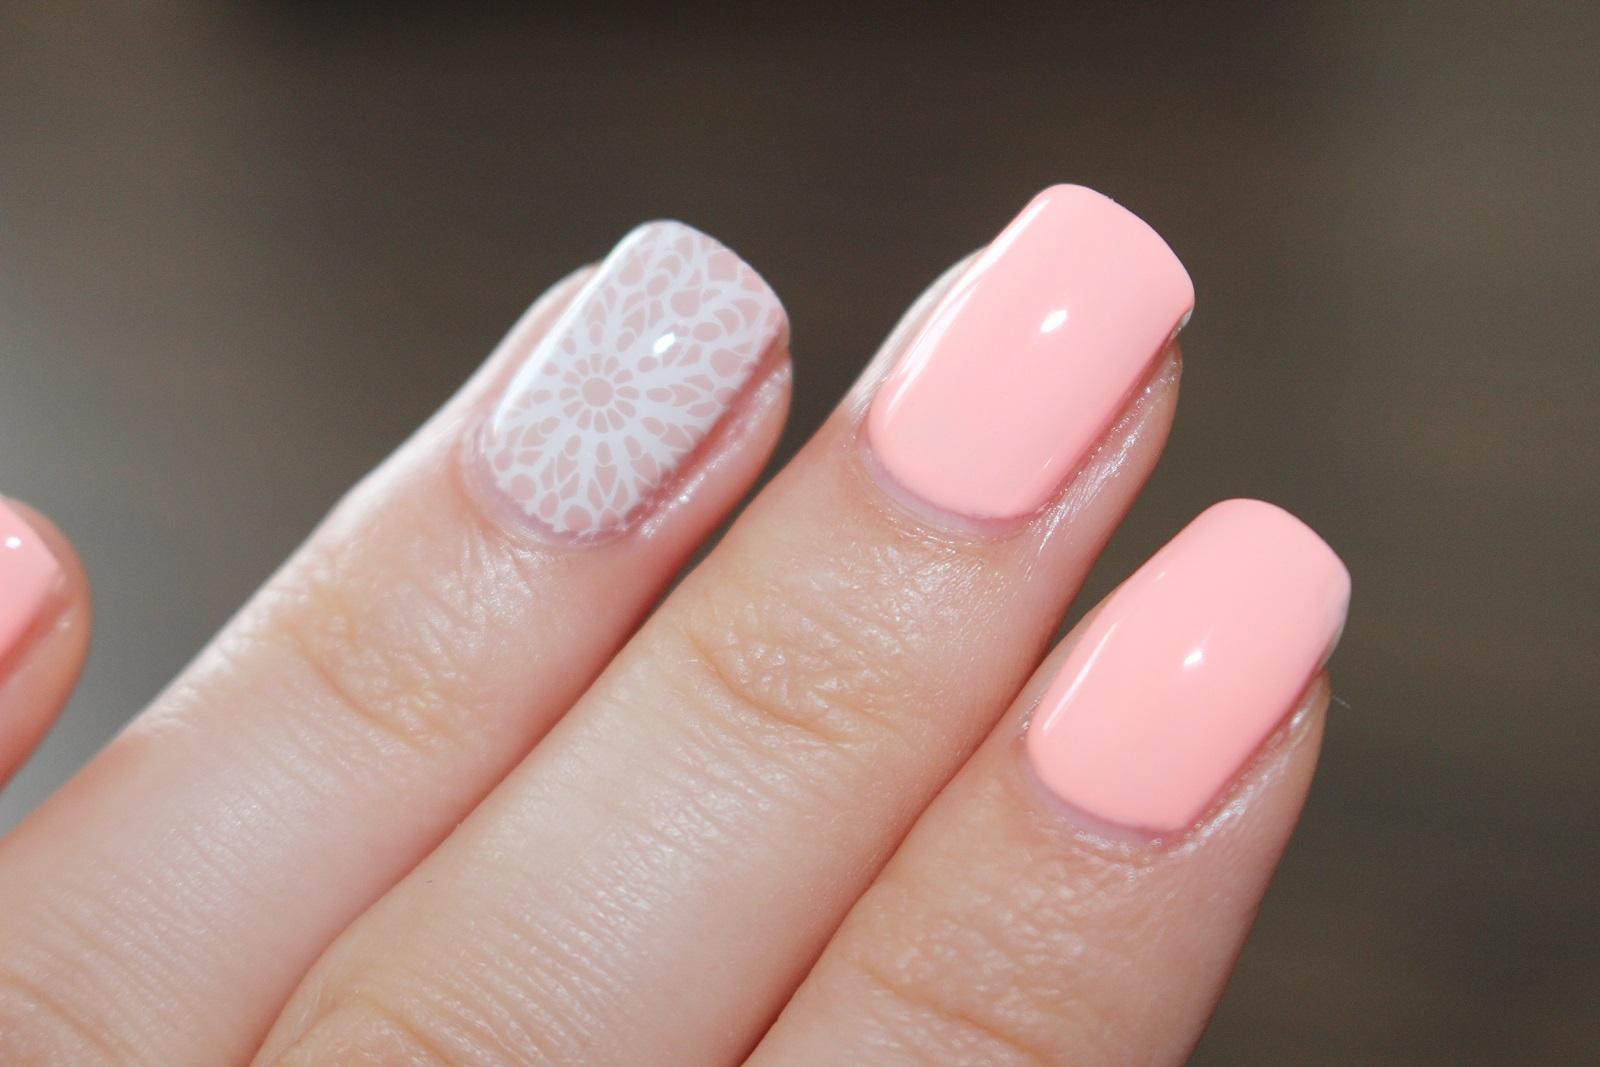 Semilac Lakier Hybrydowy 130 Sleeping Beauty stemple na lakierze hybrydowym instrukcja jak zrobić neonowe paznokcie rażące kolory paznokci hybrydy